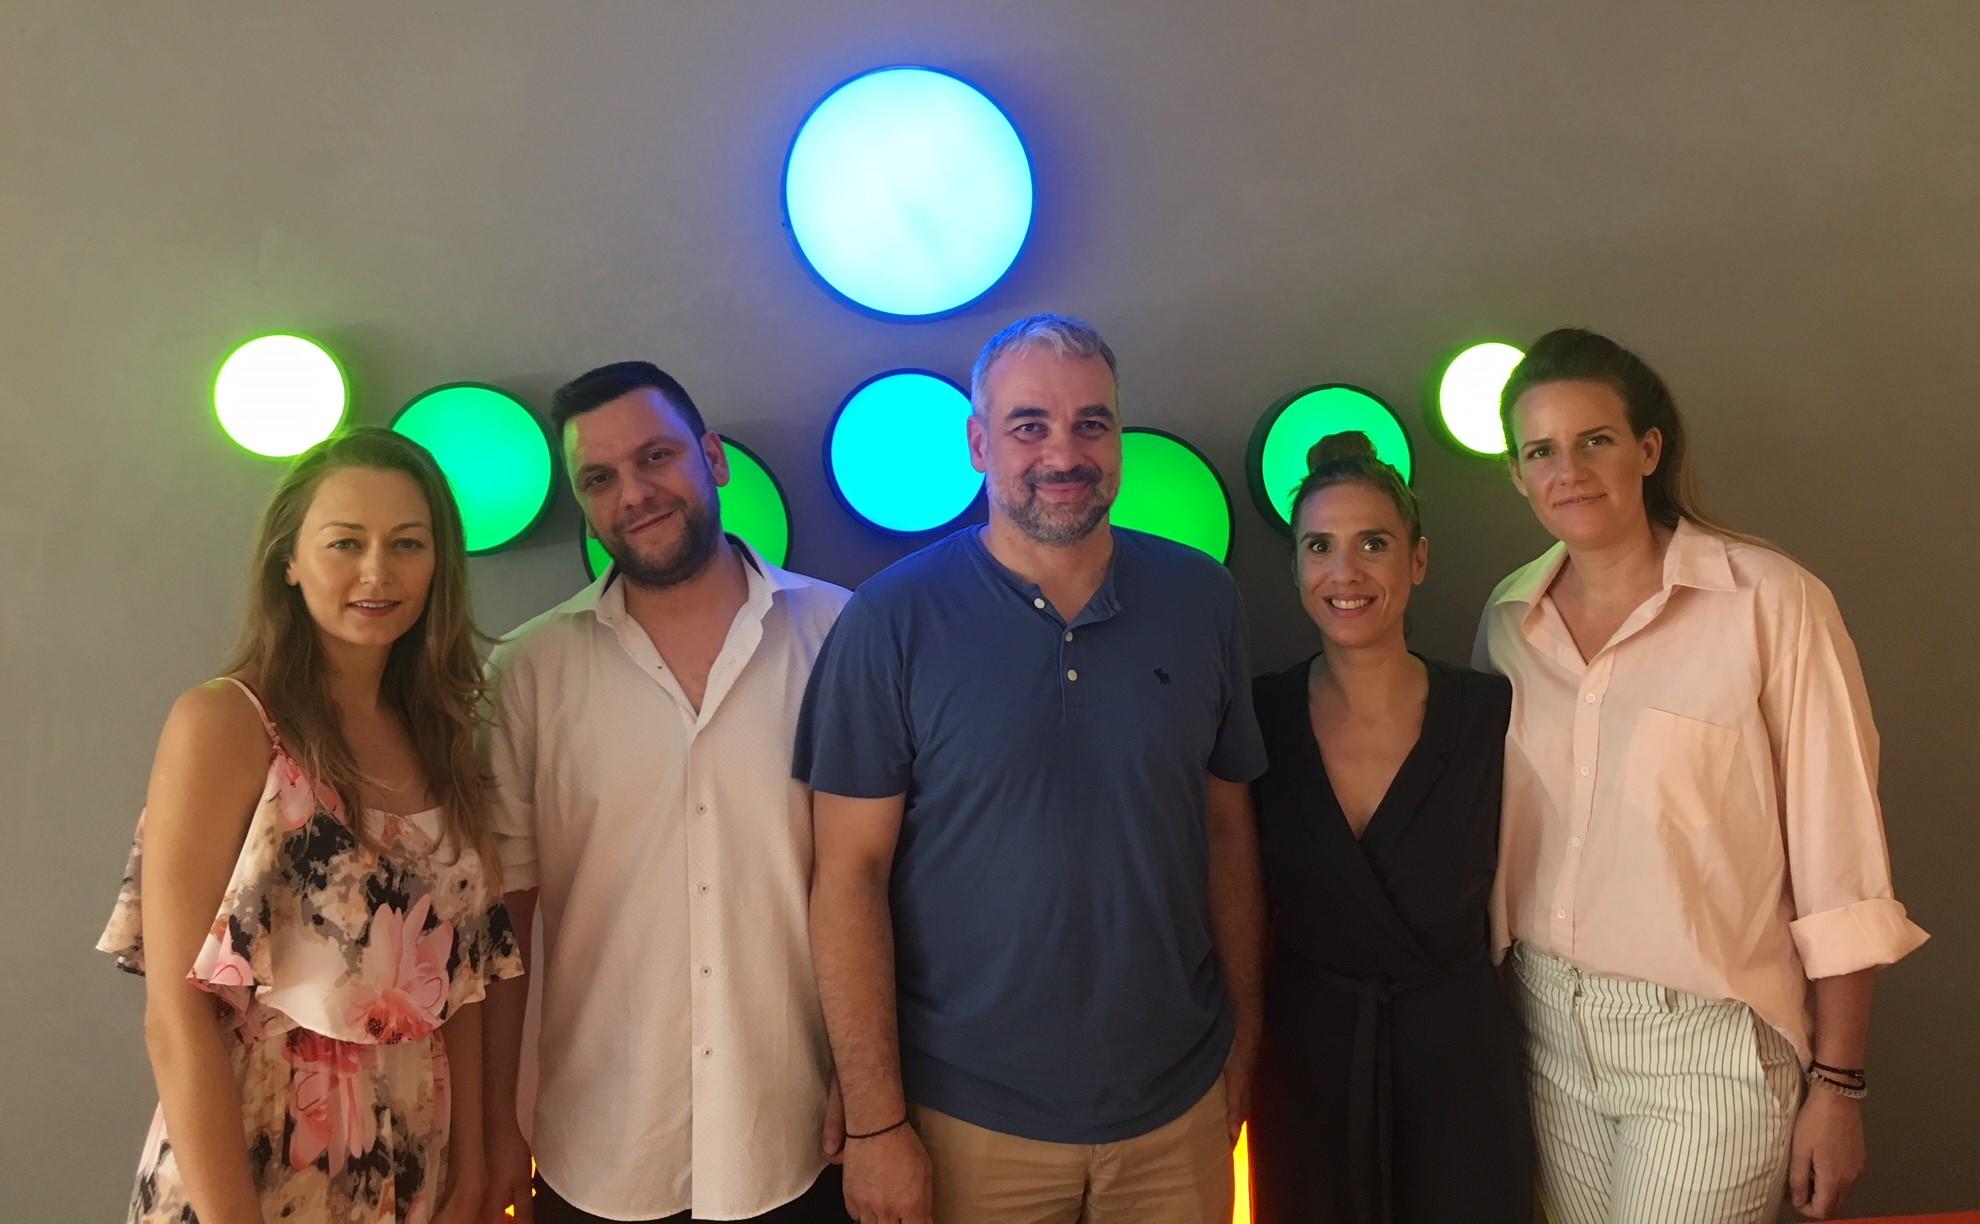 Μανώλης Φανουράκης και Νίκος Ευθυμιόπουλος με μέλη της ομάδας του Γραφείου Τύπου και Δημοσίων Σχέσεων του ΟΠΑΠ